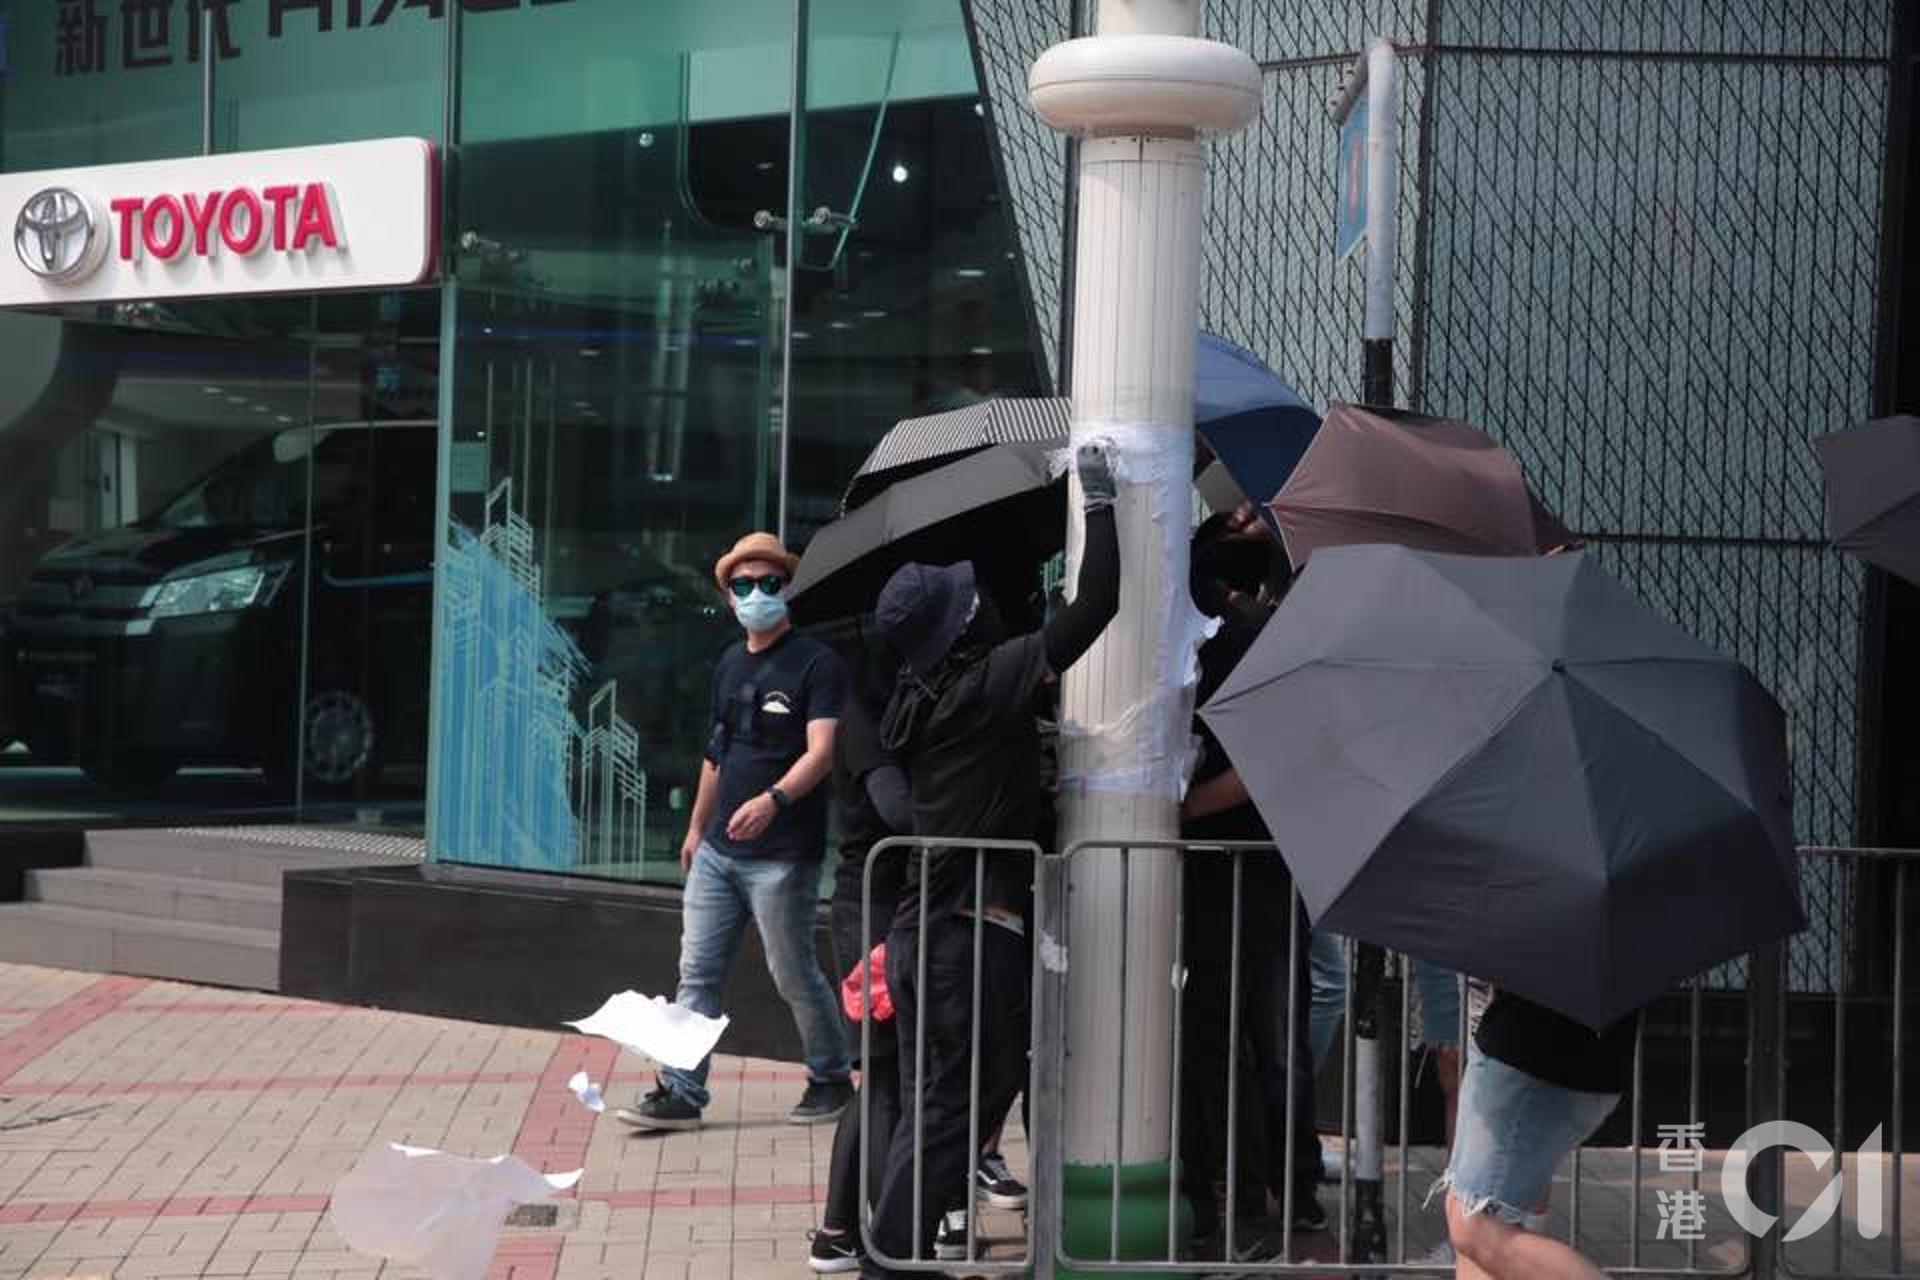 示威者用膠紙將智慧燈柱遮蓋,甚至出動電鋸強行打開燈柱電箱。(李穎霖攝)